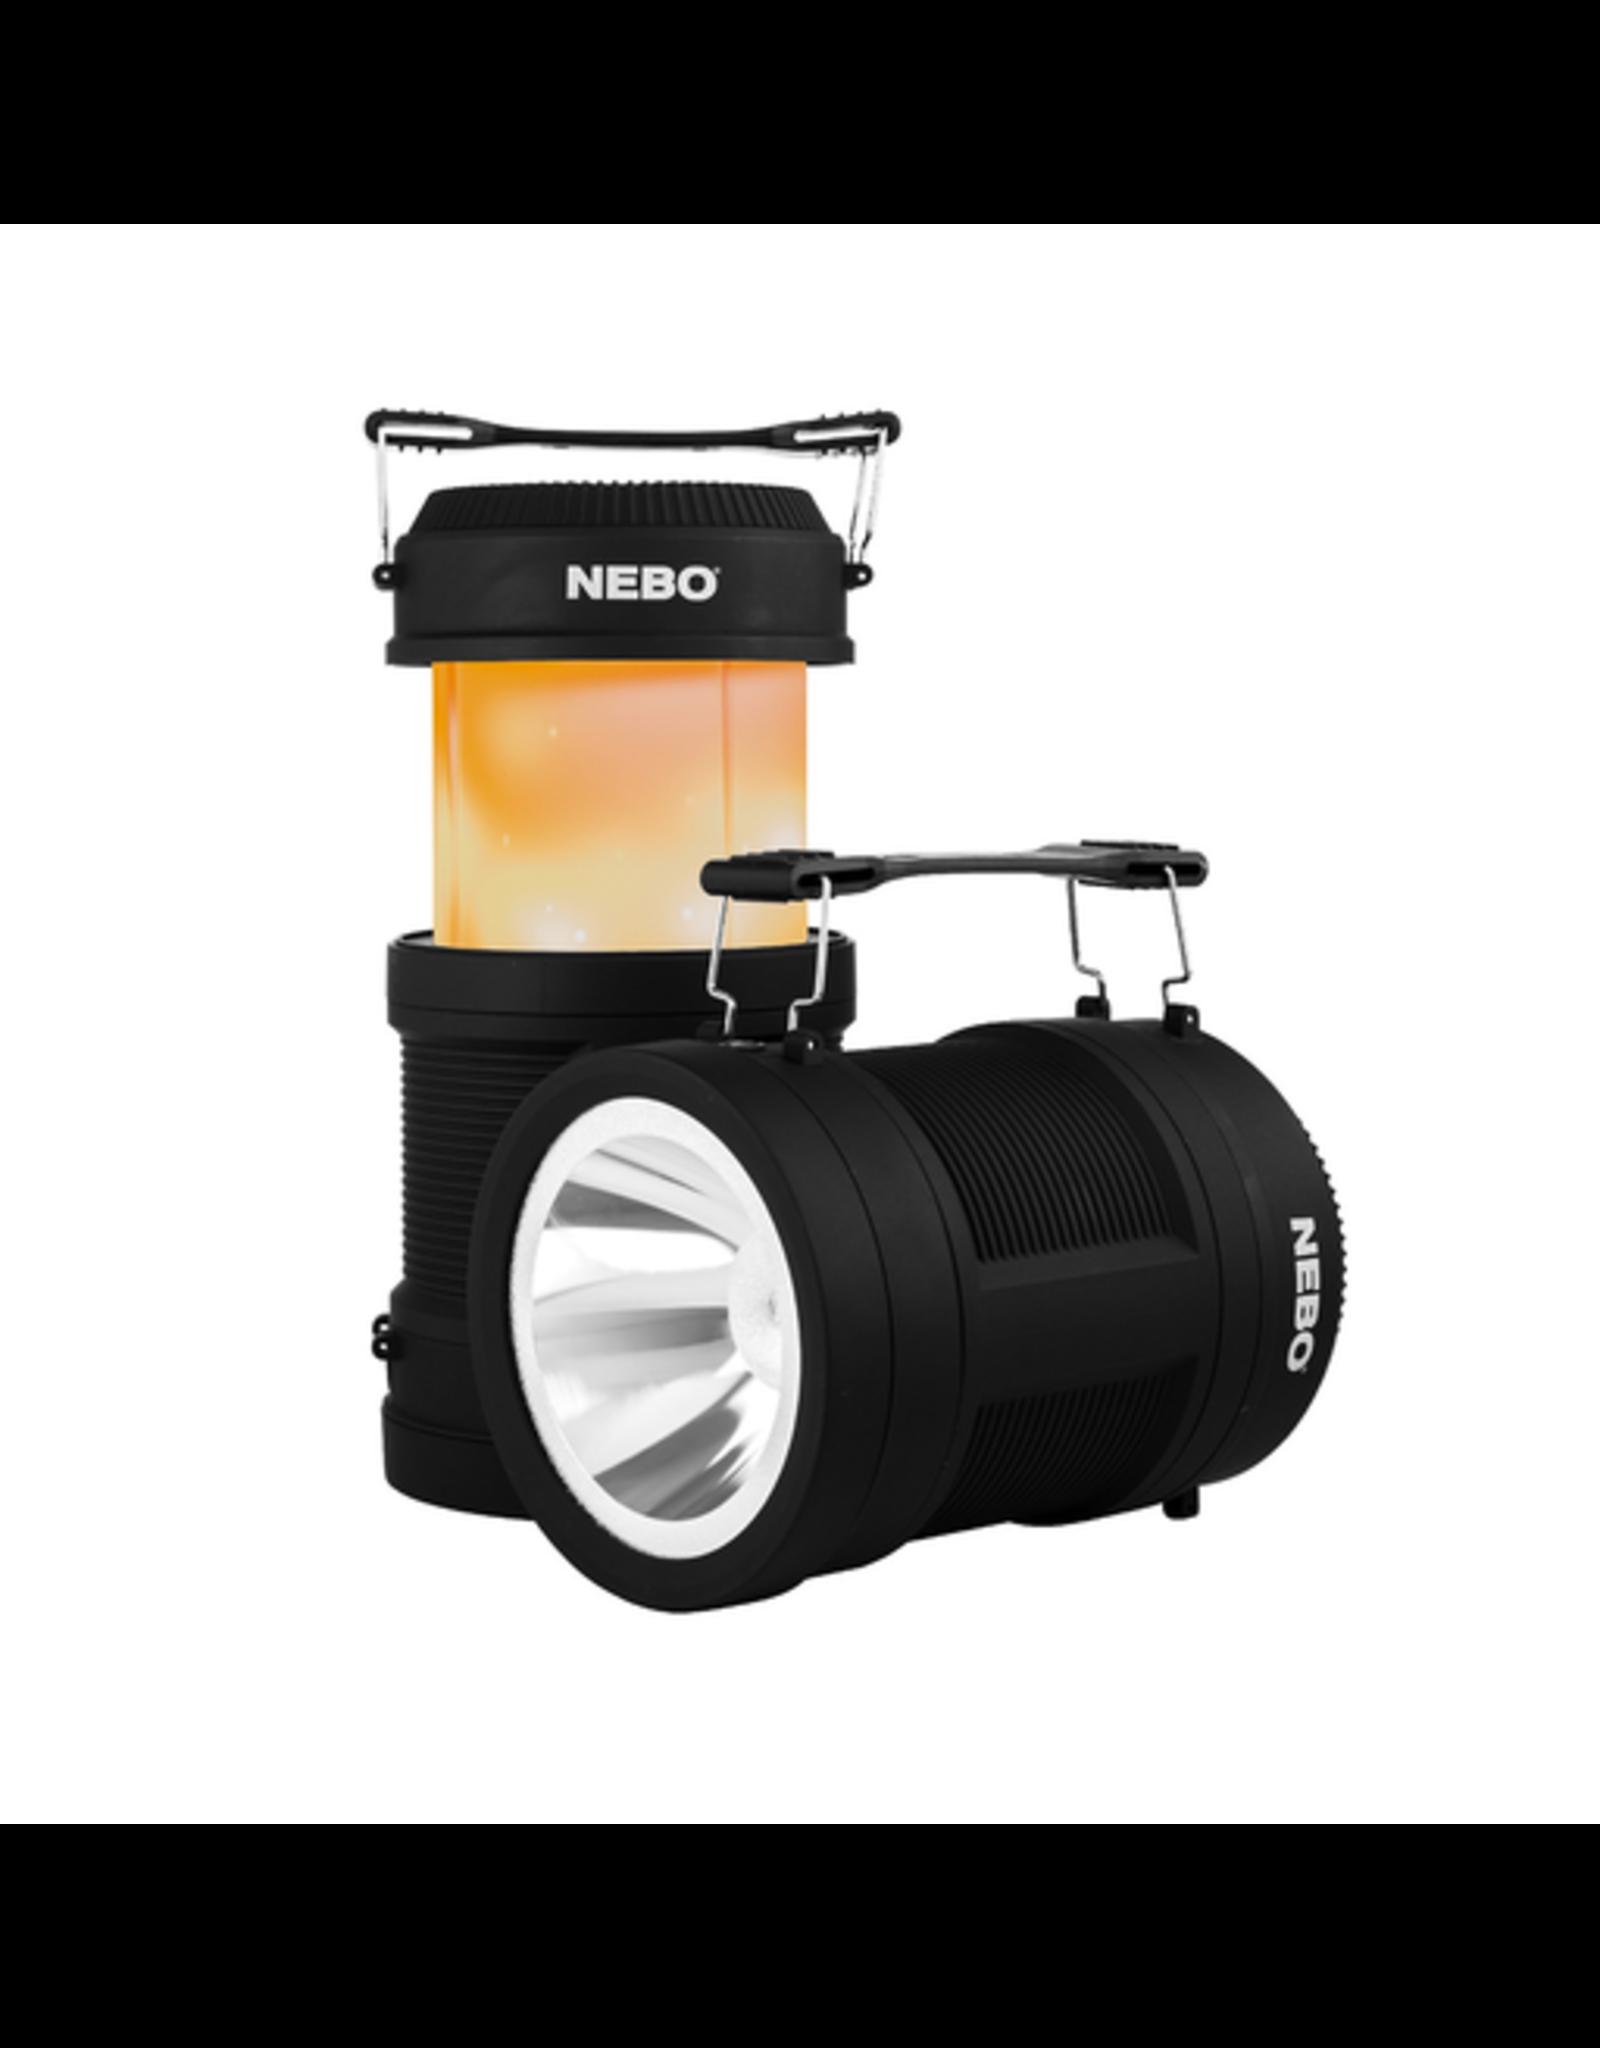 Nebo NEBO Big Poppy Lantern RC